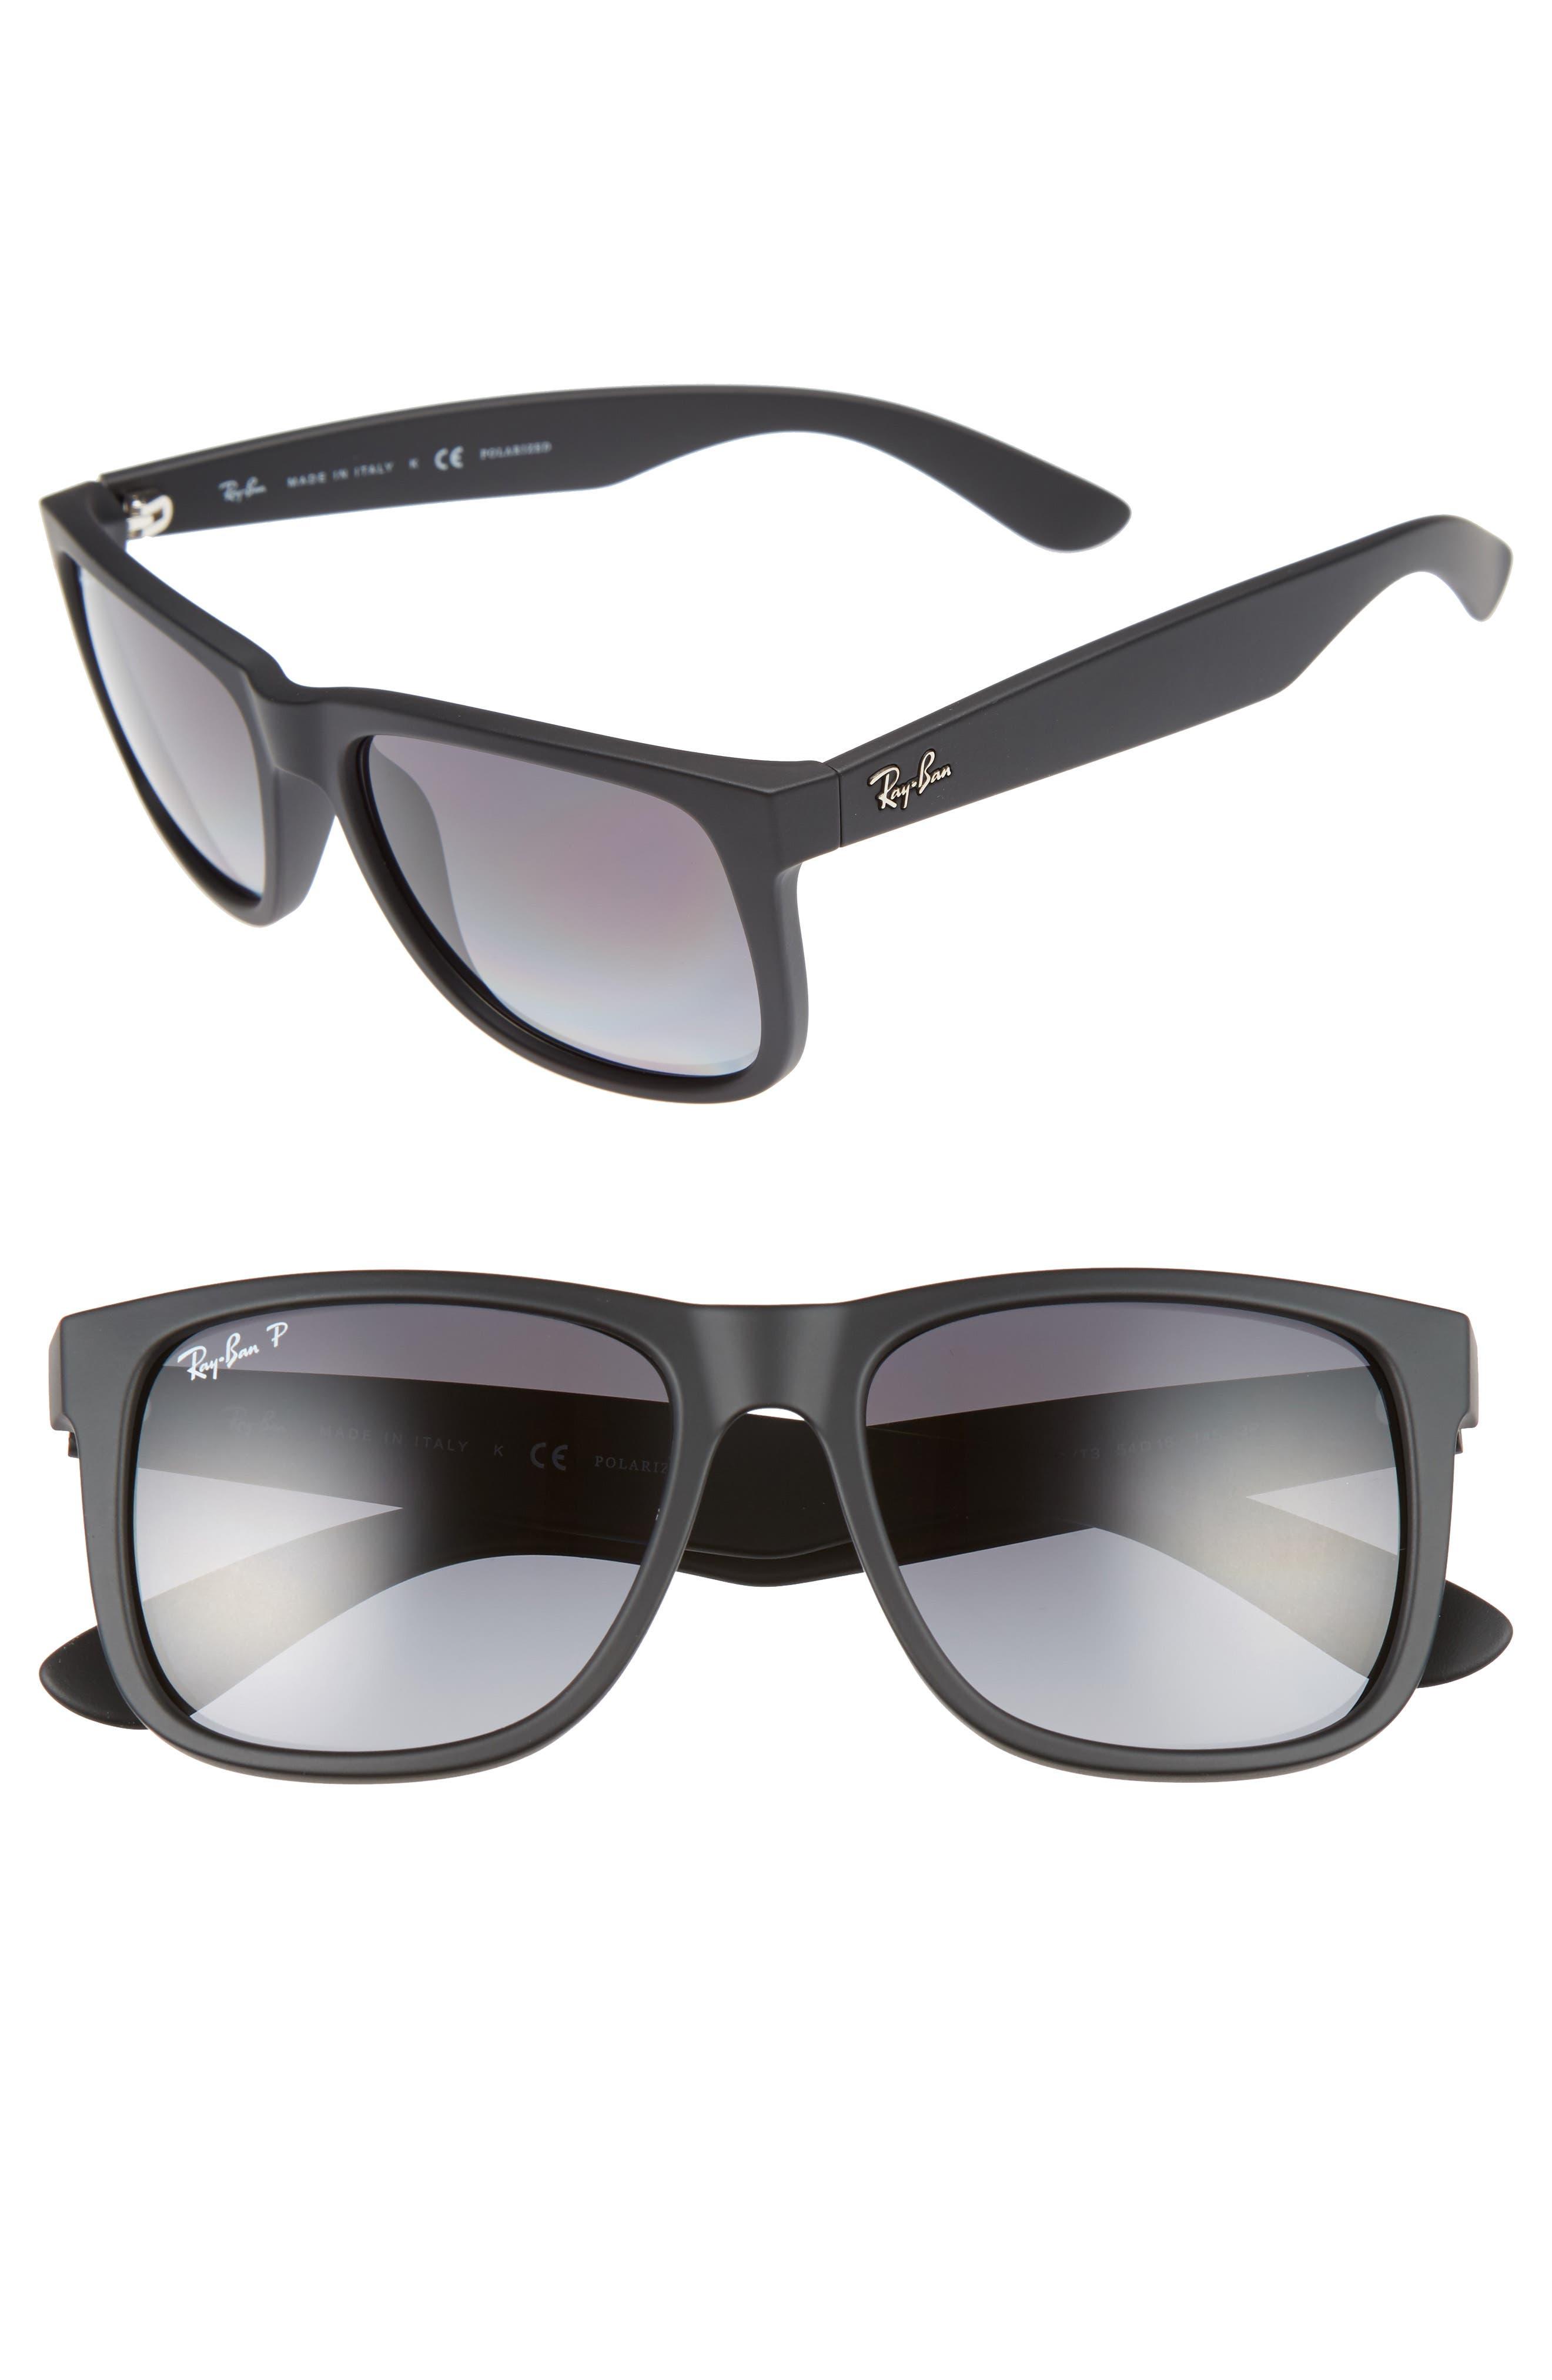 RAY-BAN, Justin 54mm Polarized Sunglasses, Main thumbnail 1, color, MATTE DARK GREY